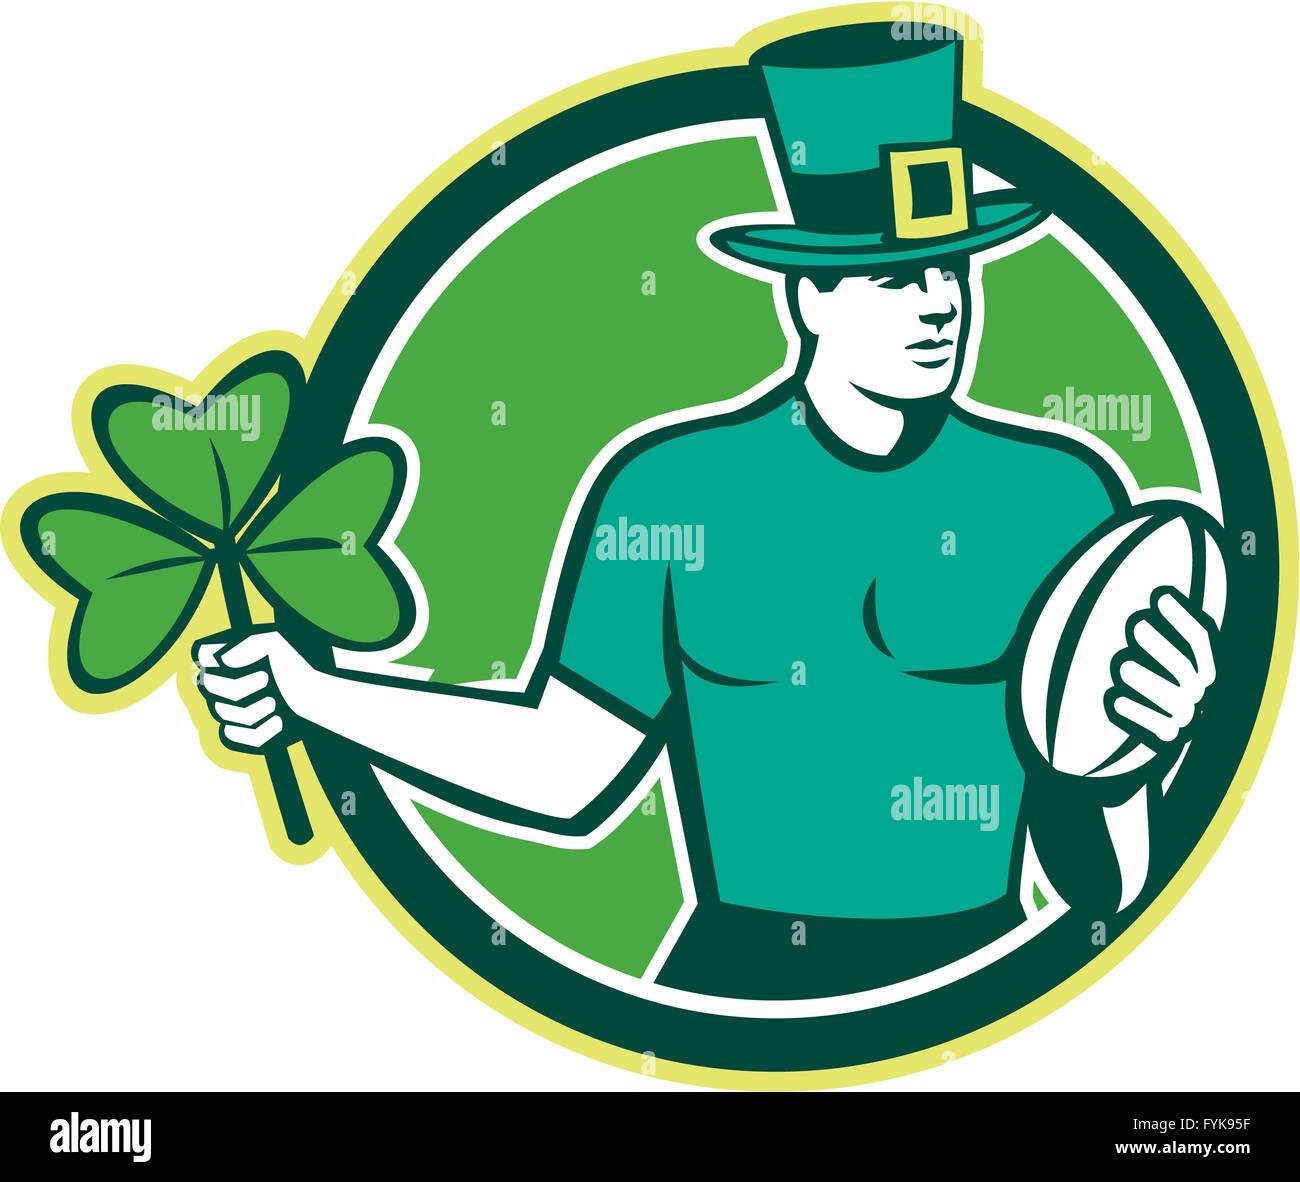 Irish Rugby Player Holding Shamrock Stock Photo Royalty Free Image